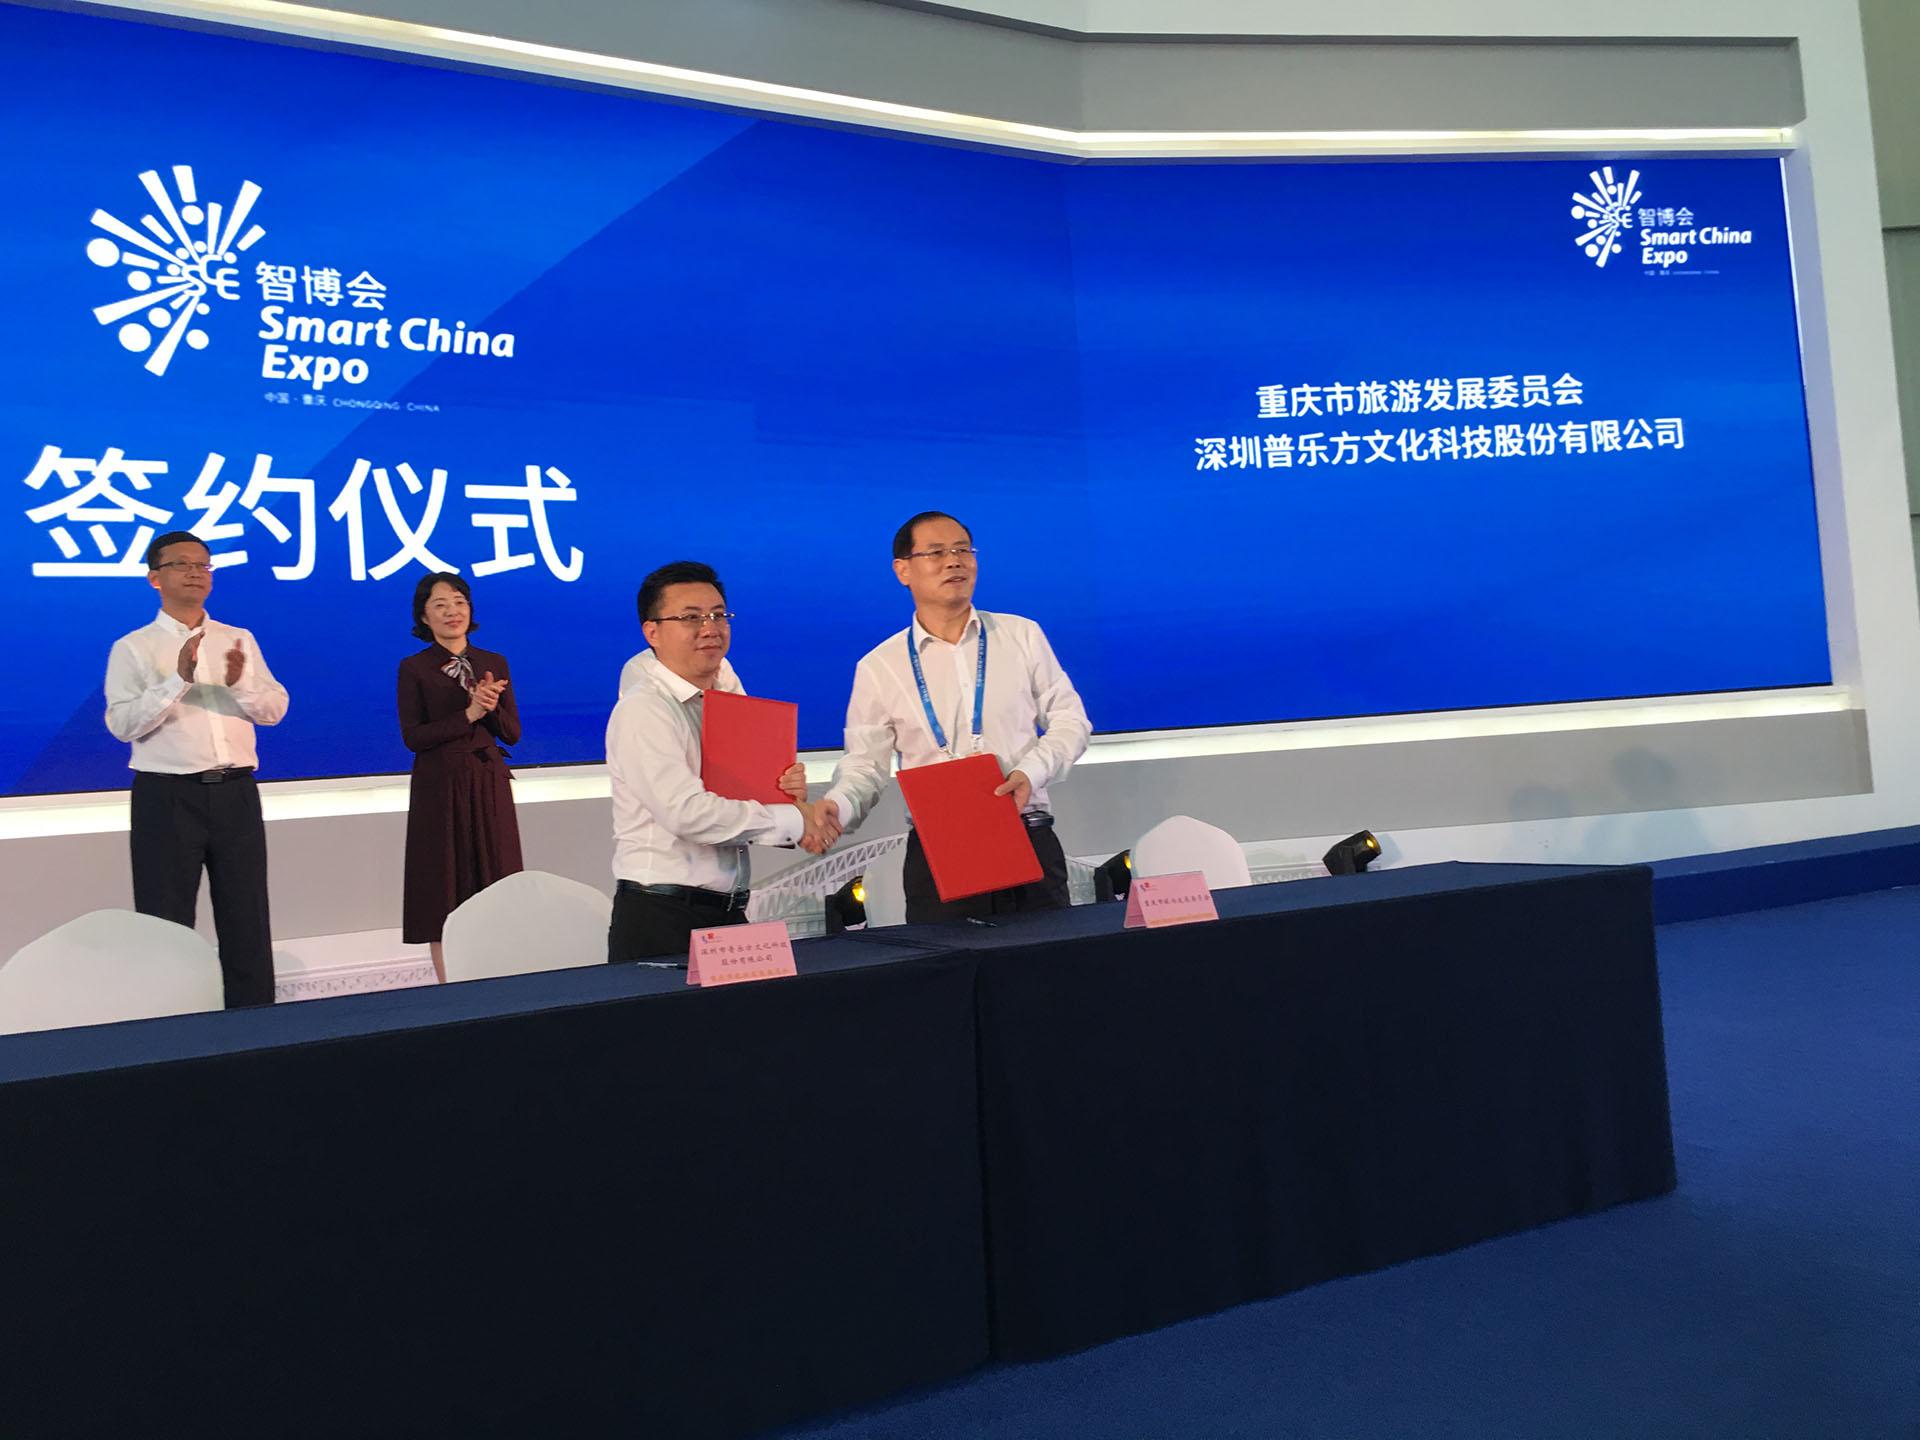 集团快讯   重庆市政府和亚博亚博体育官网入口方达成战略合作